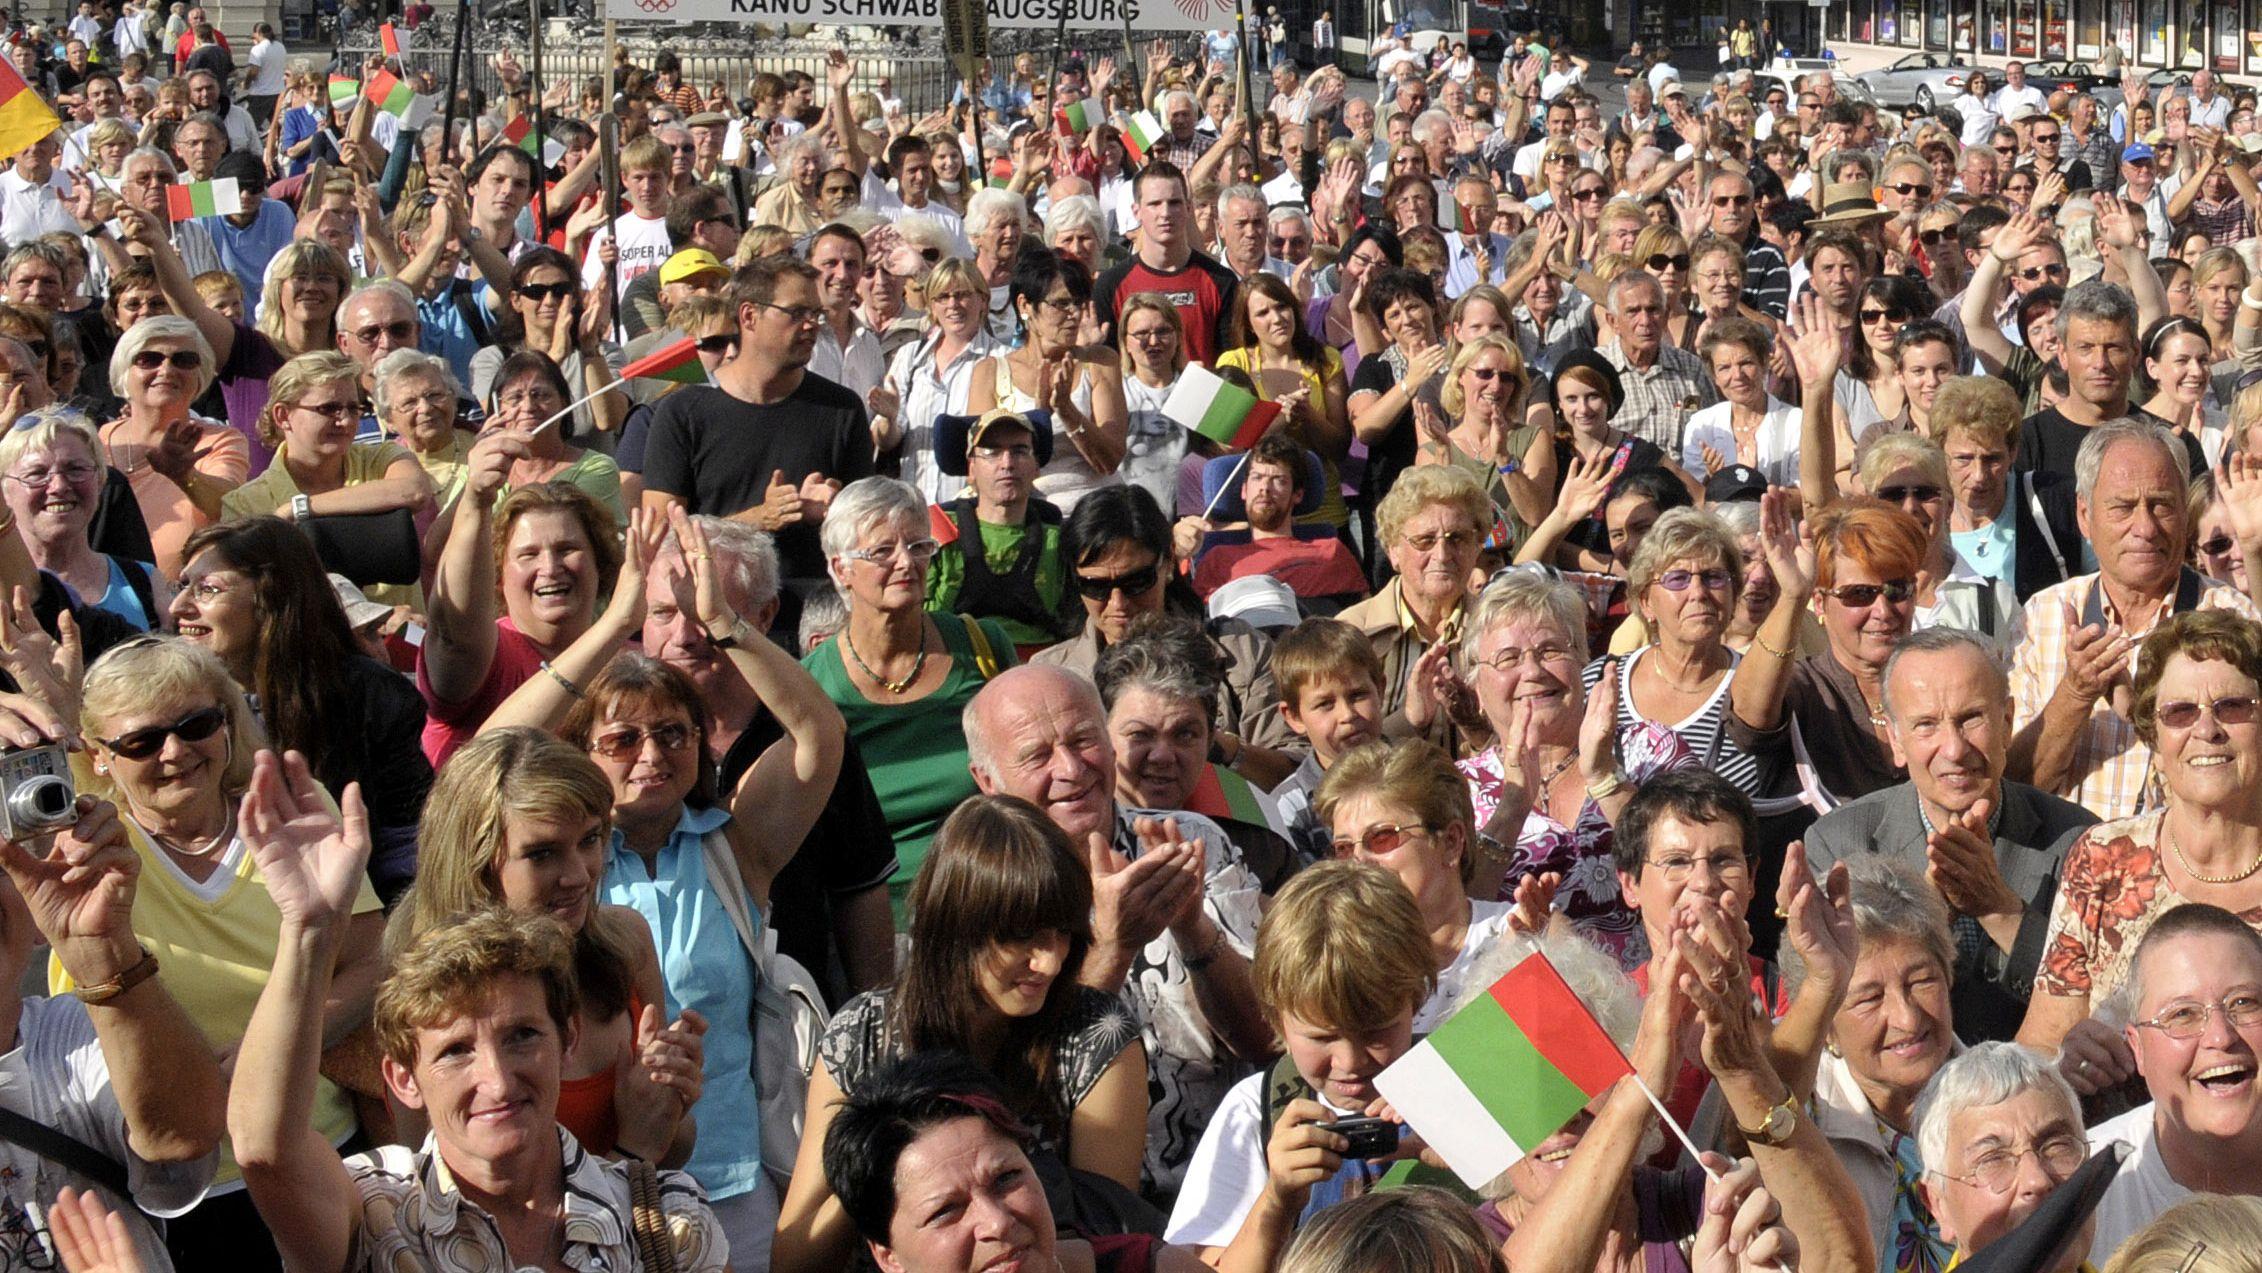 Menschenmenge in Augsburg (Symbolbild)